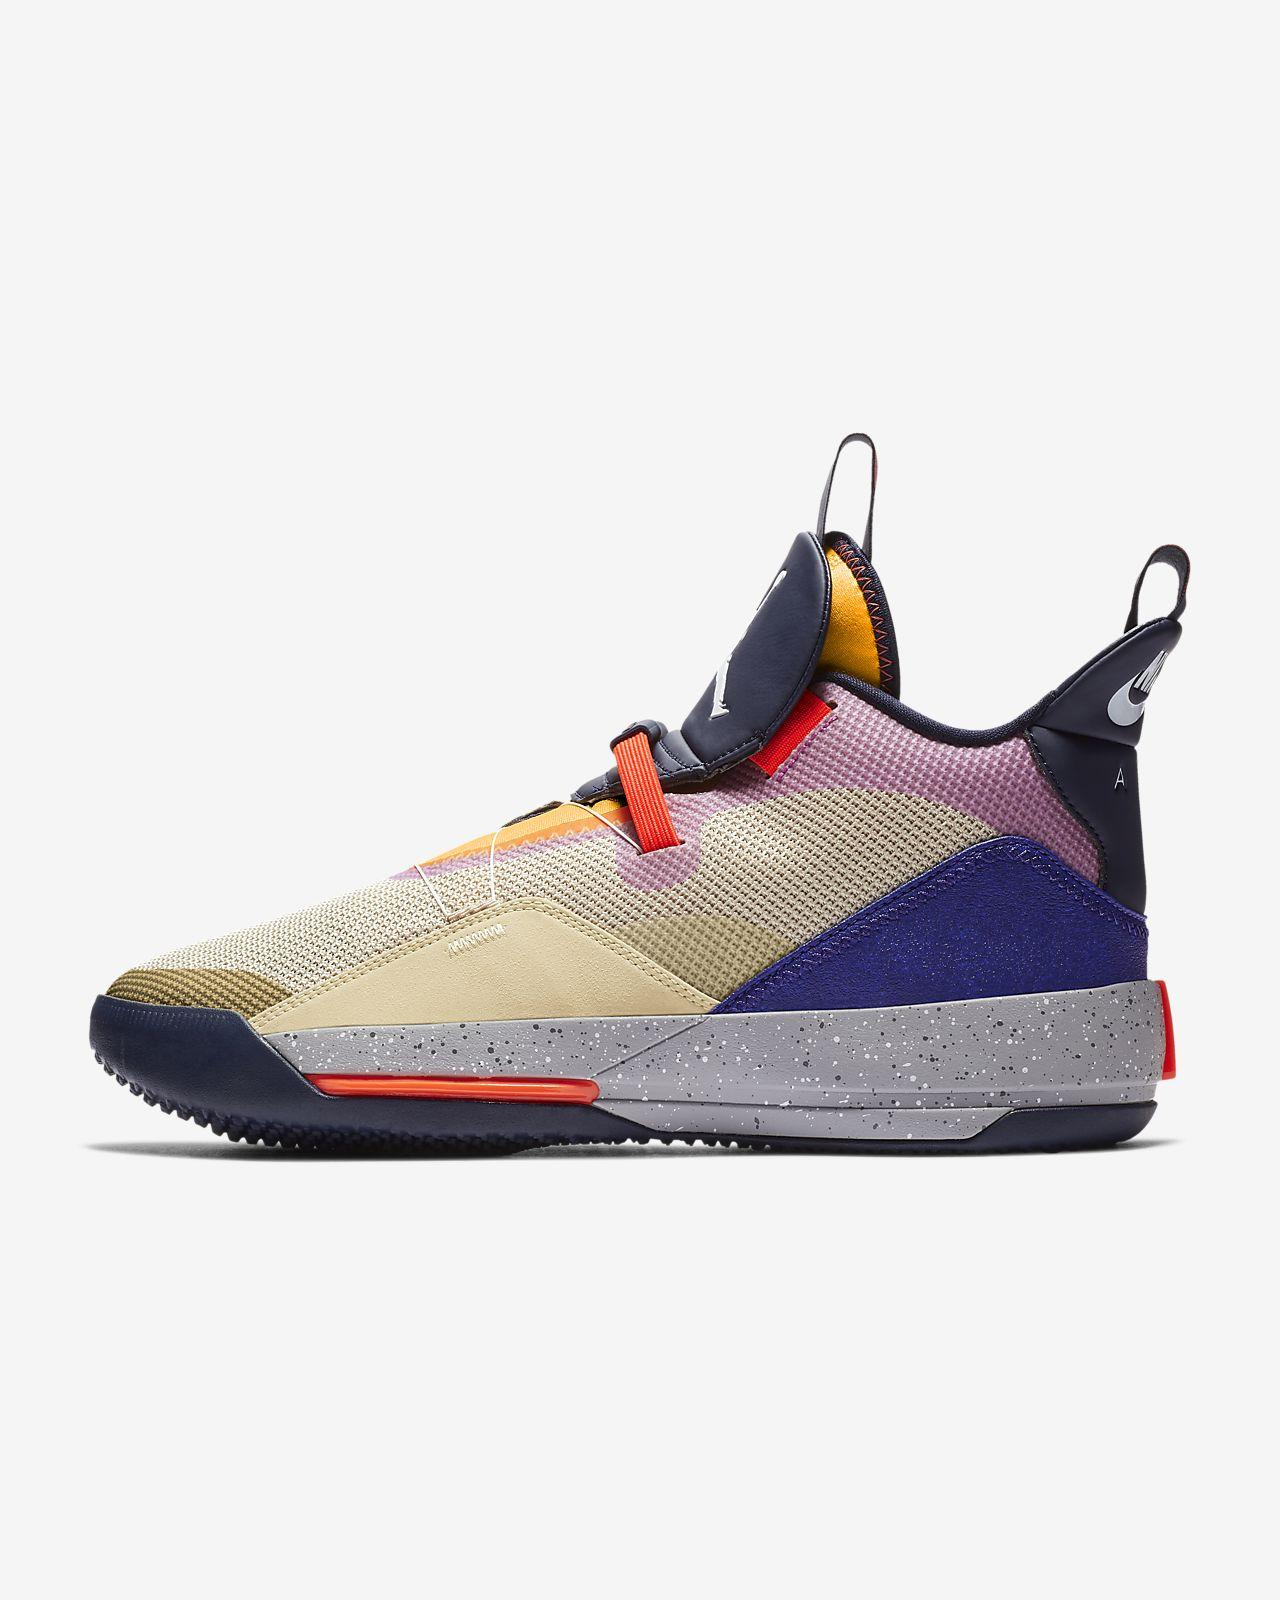 4e4f459dc4e Chaussure de basketball Air Jordan XXXIII pour Homme. Nike.com CA